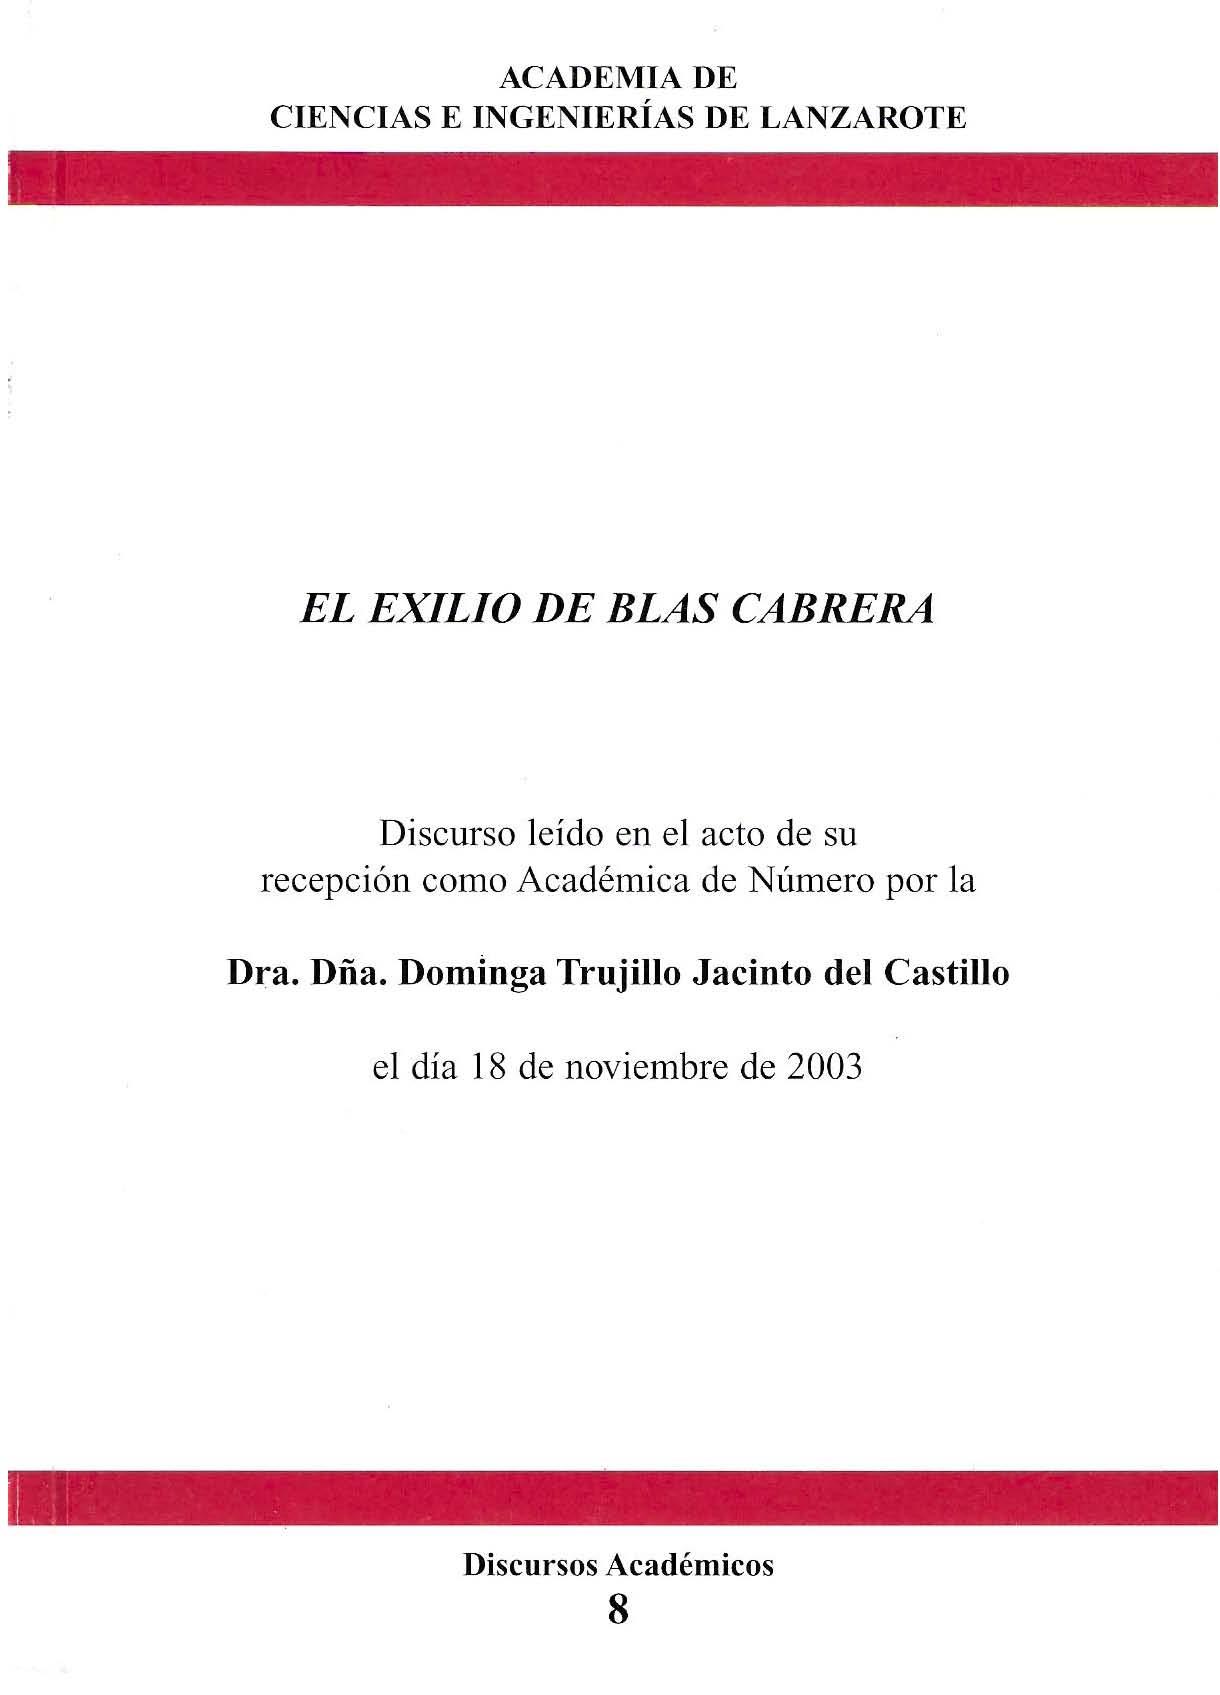 El exilio de Blas Cabrera